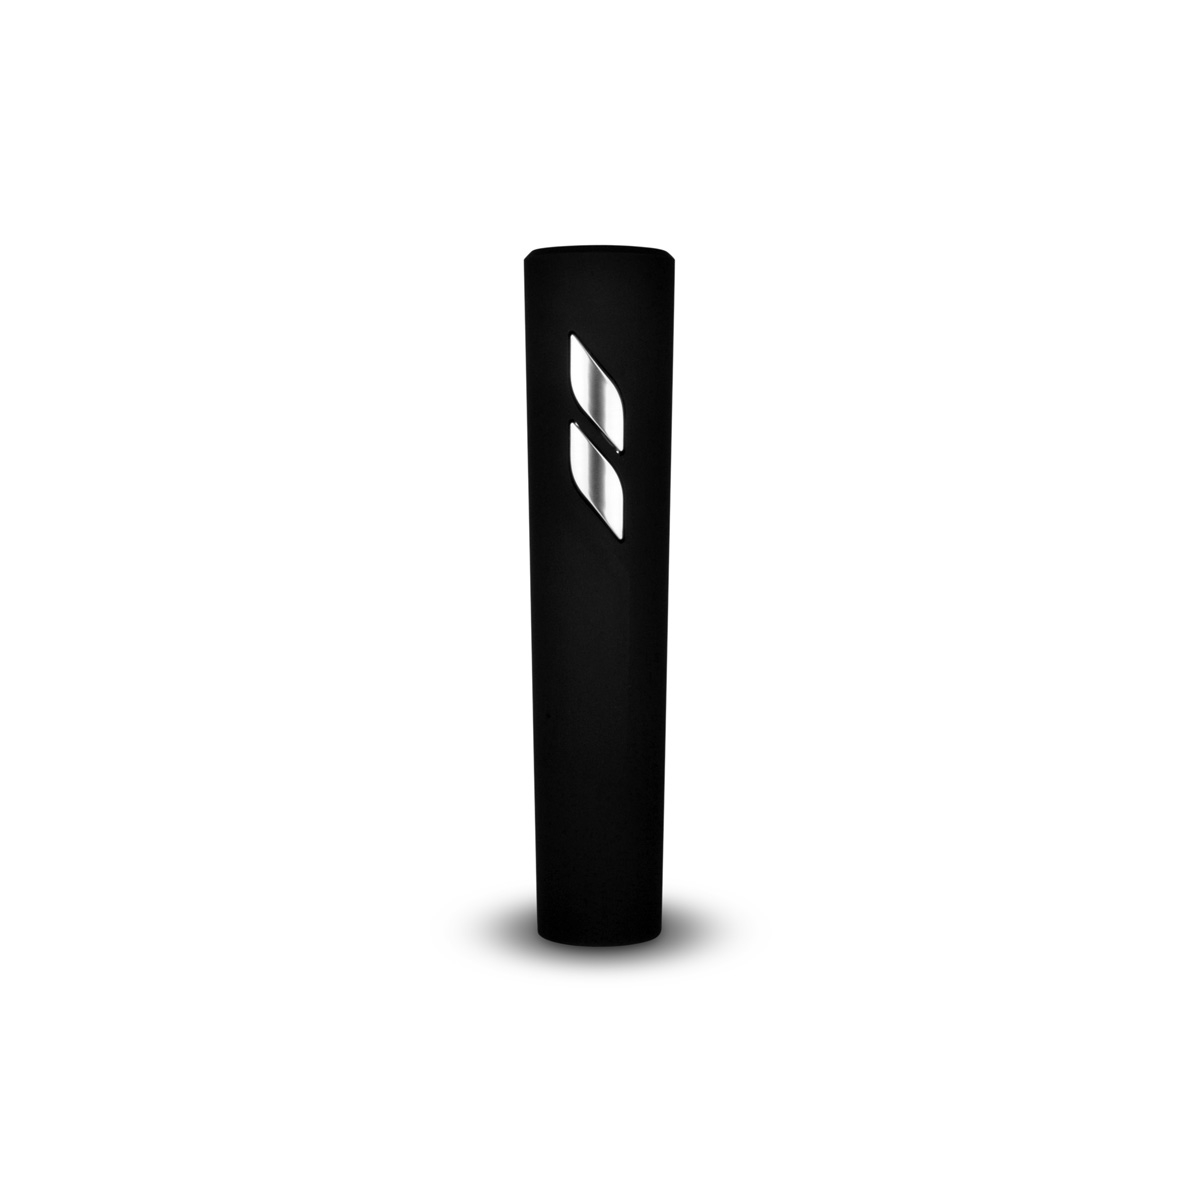 Elektroniczny Korkociąghttps://www.toys4boys.pl/248-thickbox_bosky/elektroniczny-korkociag-black-twister.jpg